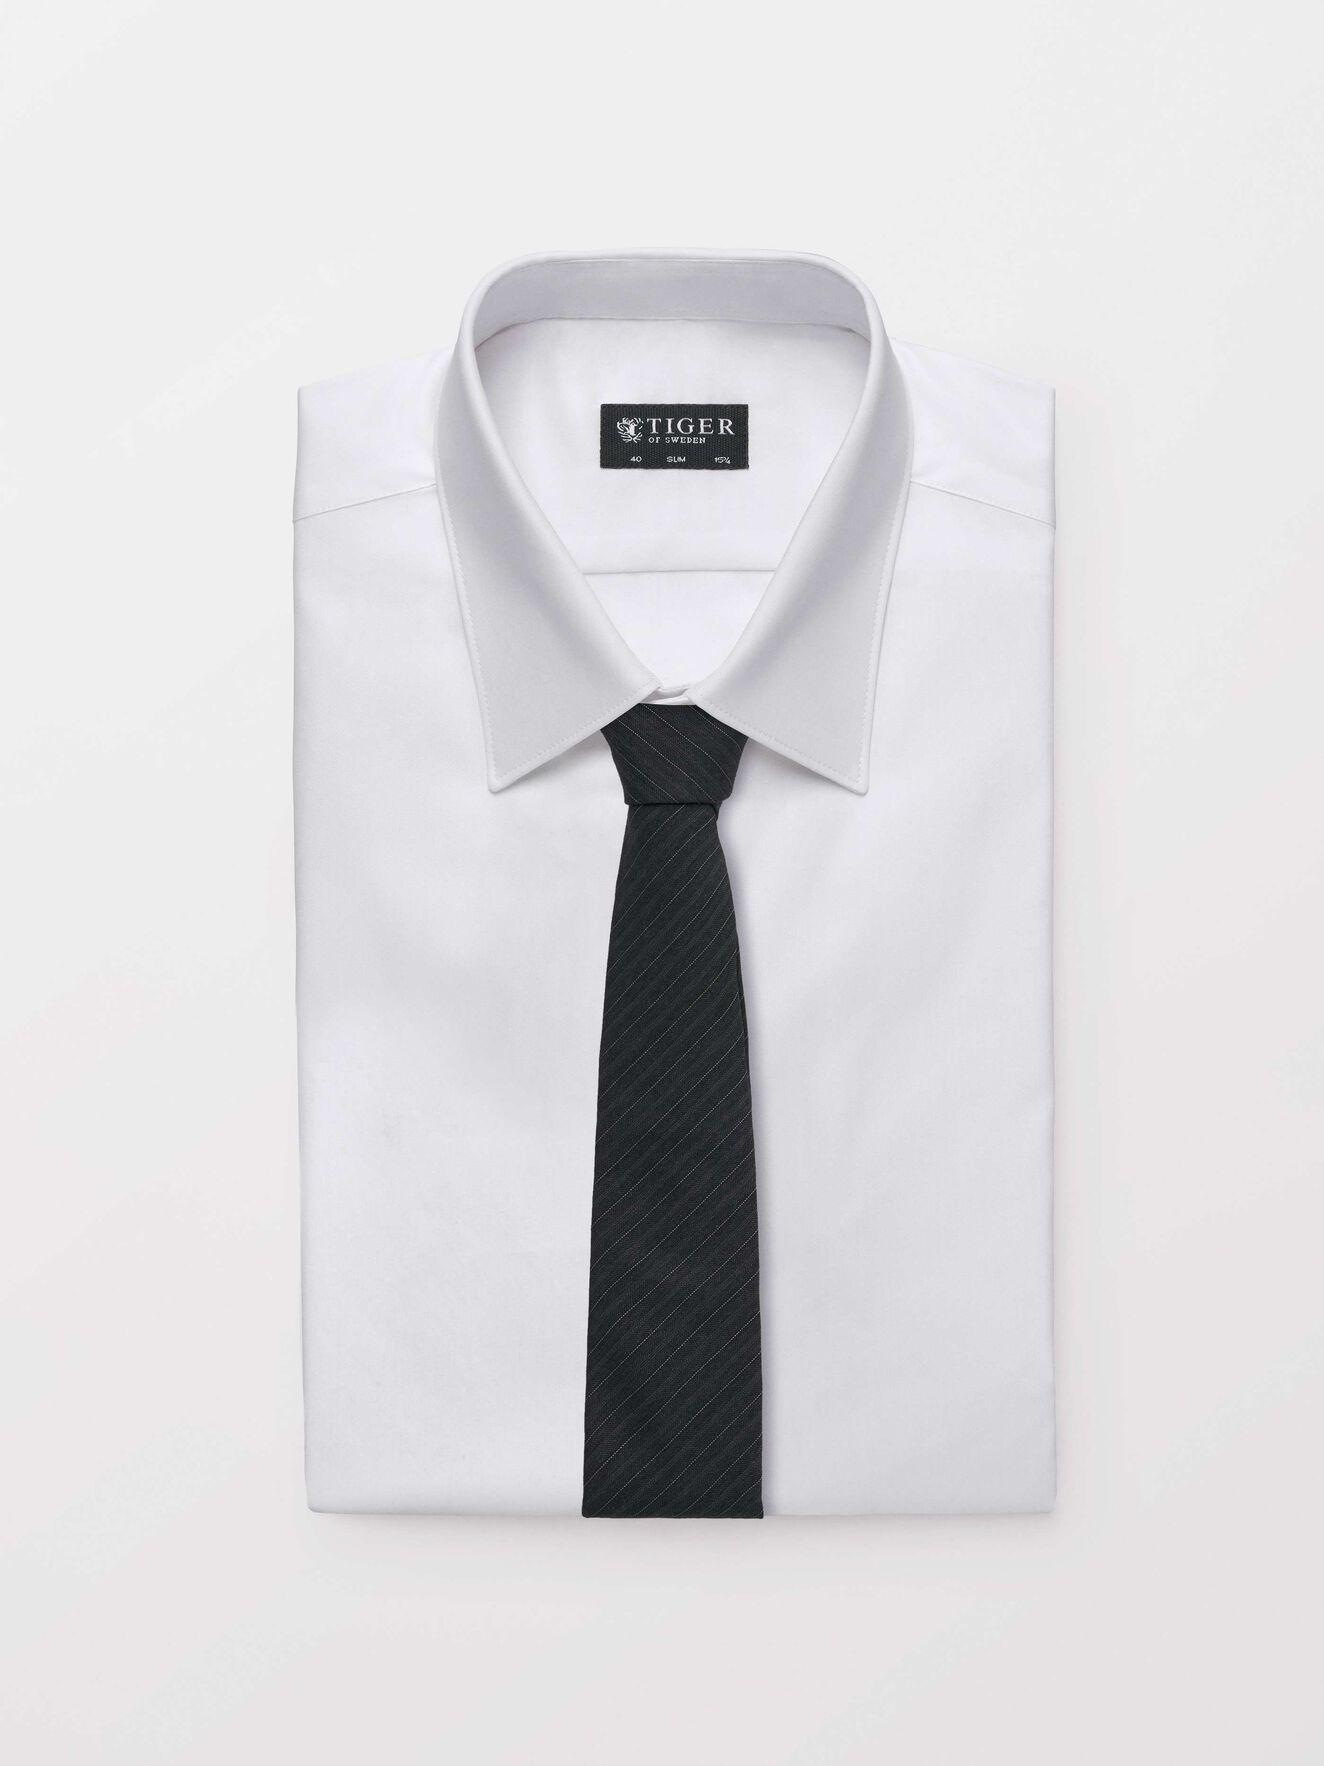 Trage Tie in Dark grey Mel from Tiger of Sweden